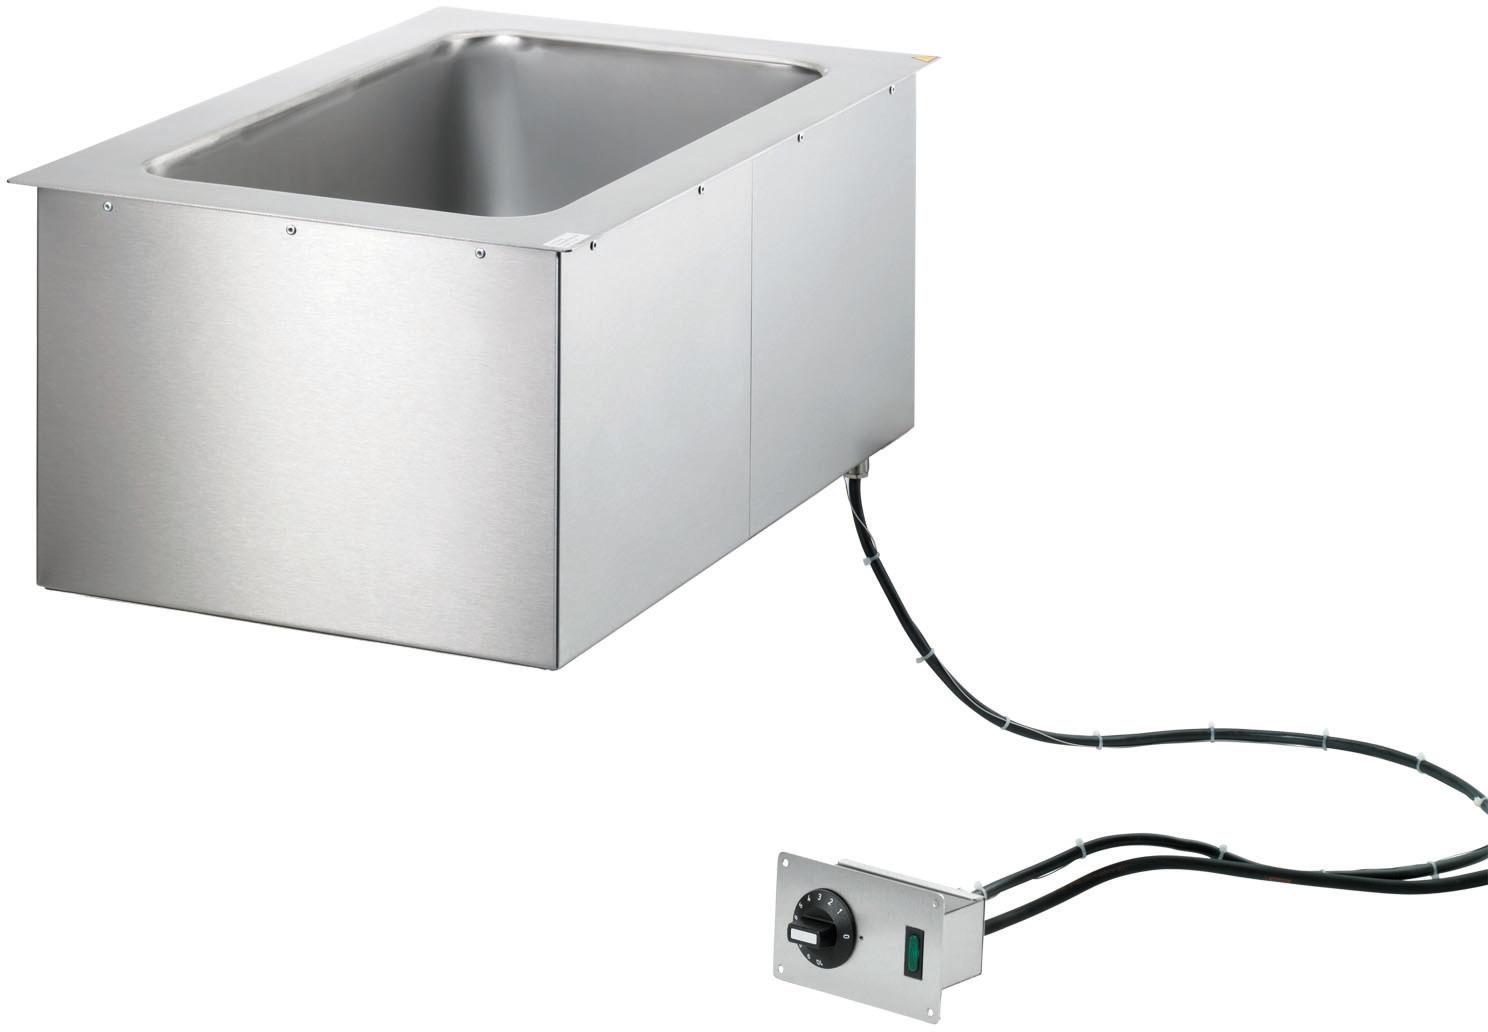 Elektro-Bain Marie Einbaugerät 3 x GN  1/1 - 200 mm tief / manuelle Befüllung